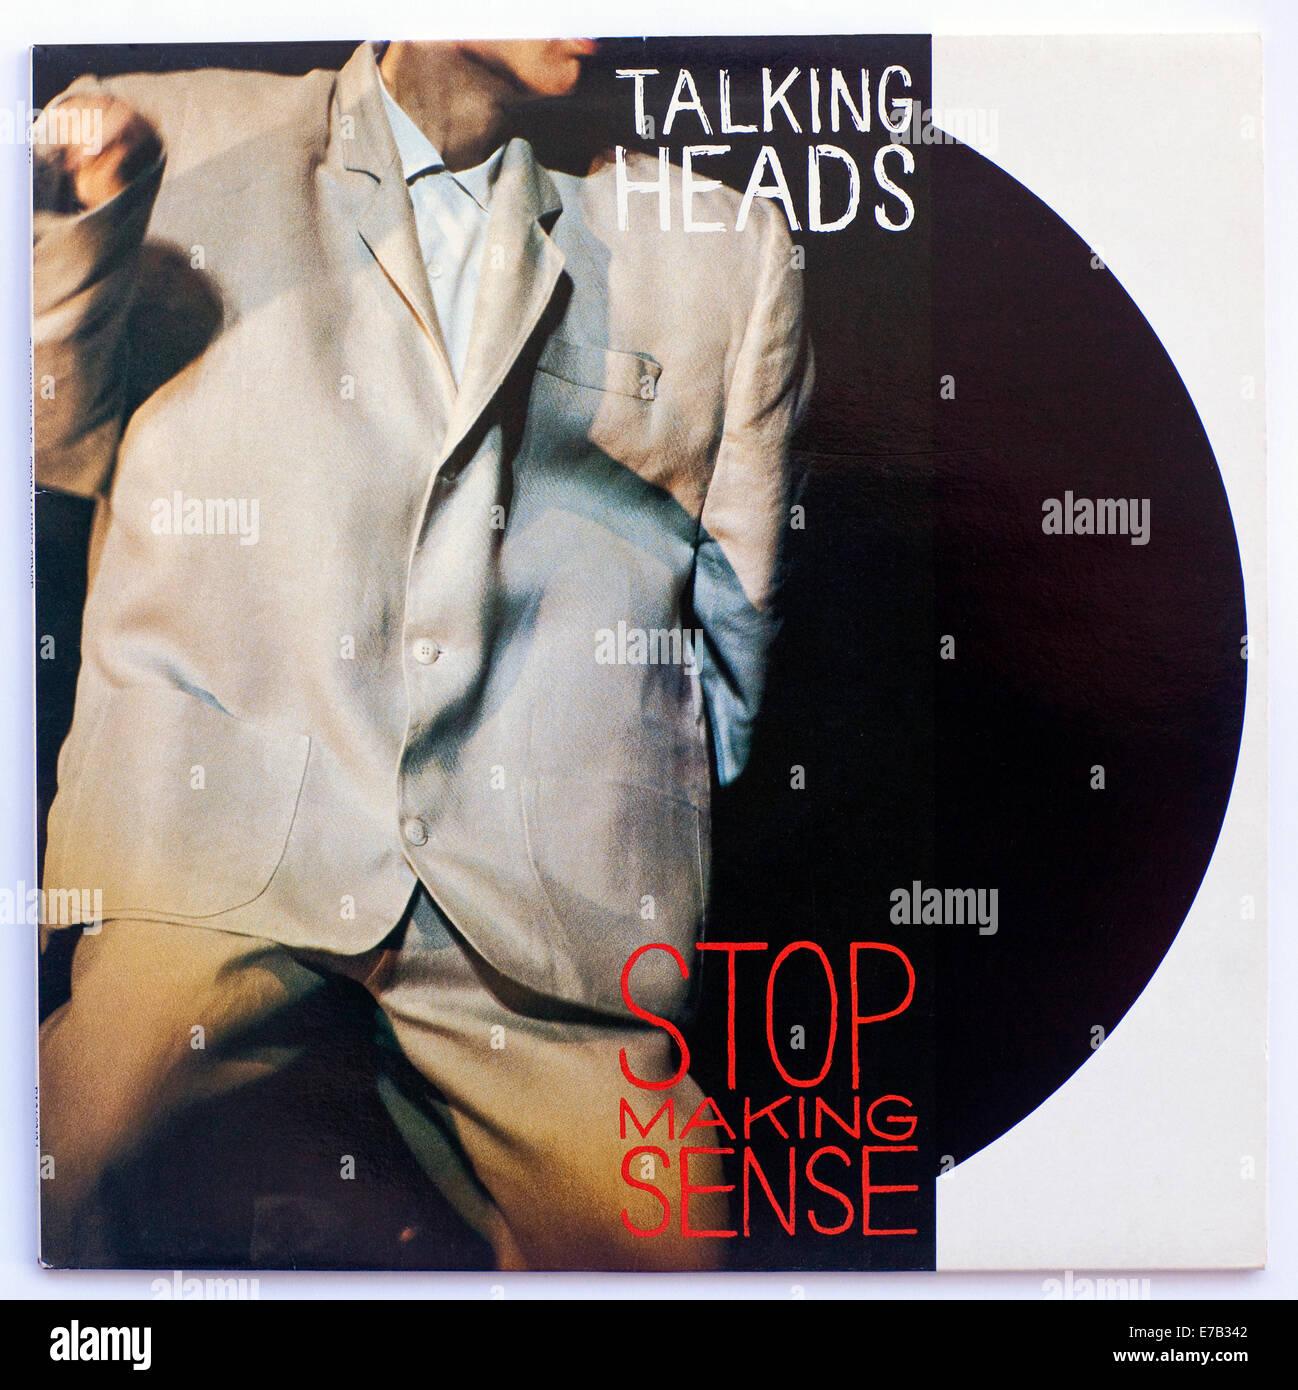 Talking Heads - stop making sense 1984 Couverture de l'album bande originale du film Photo Stock